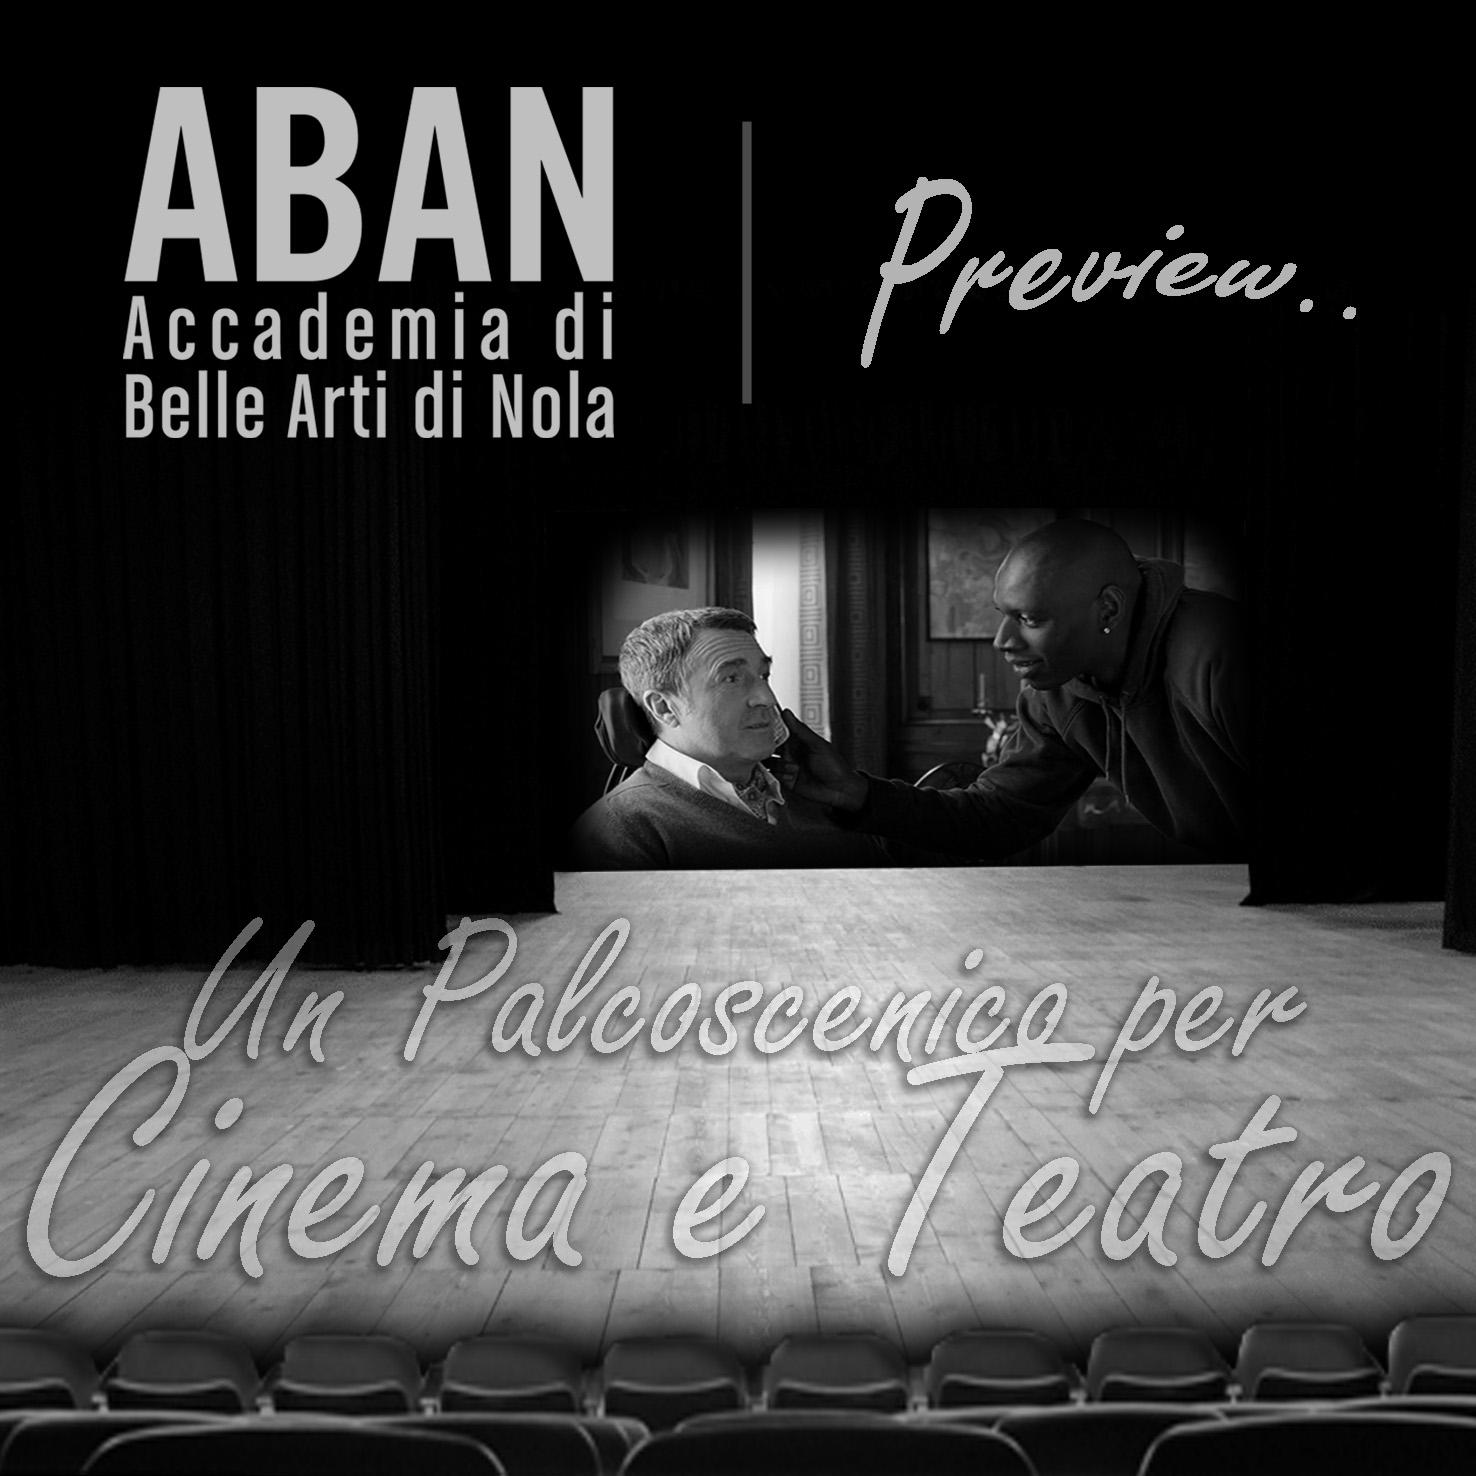 cinema teatro front